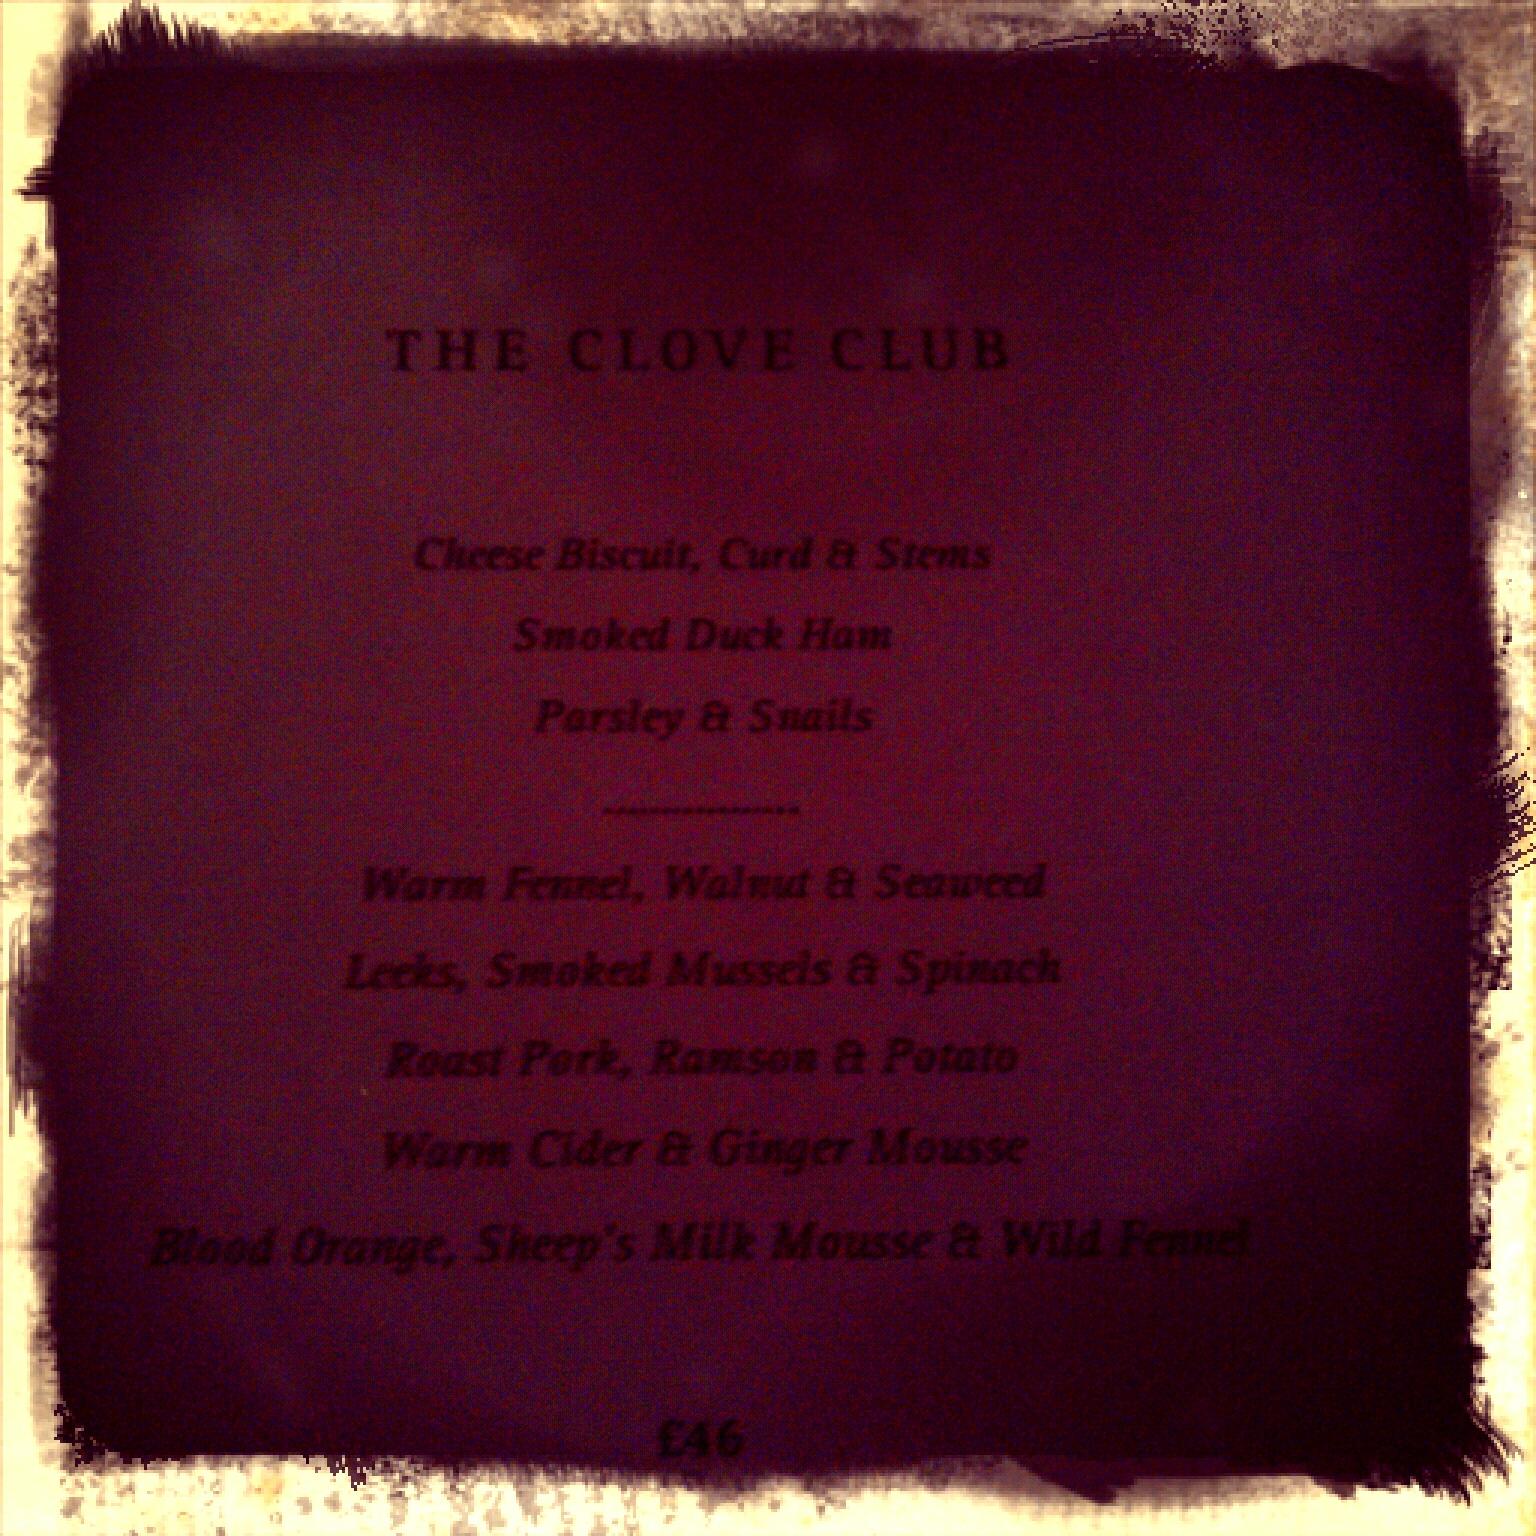 Clove Club menu